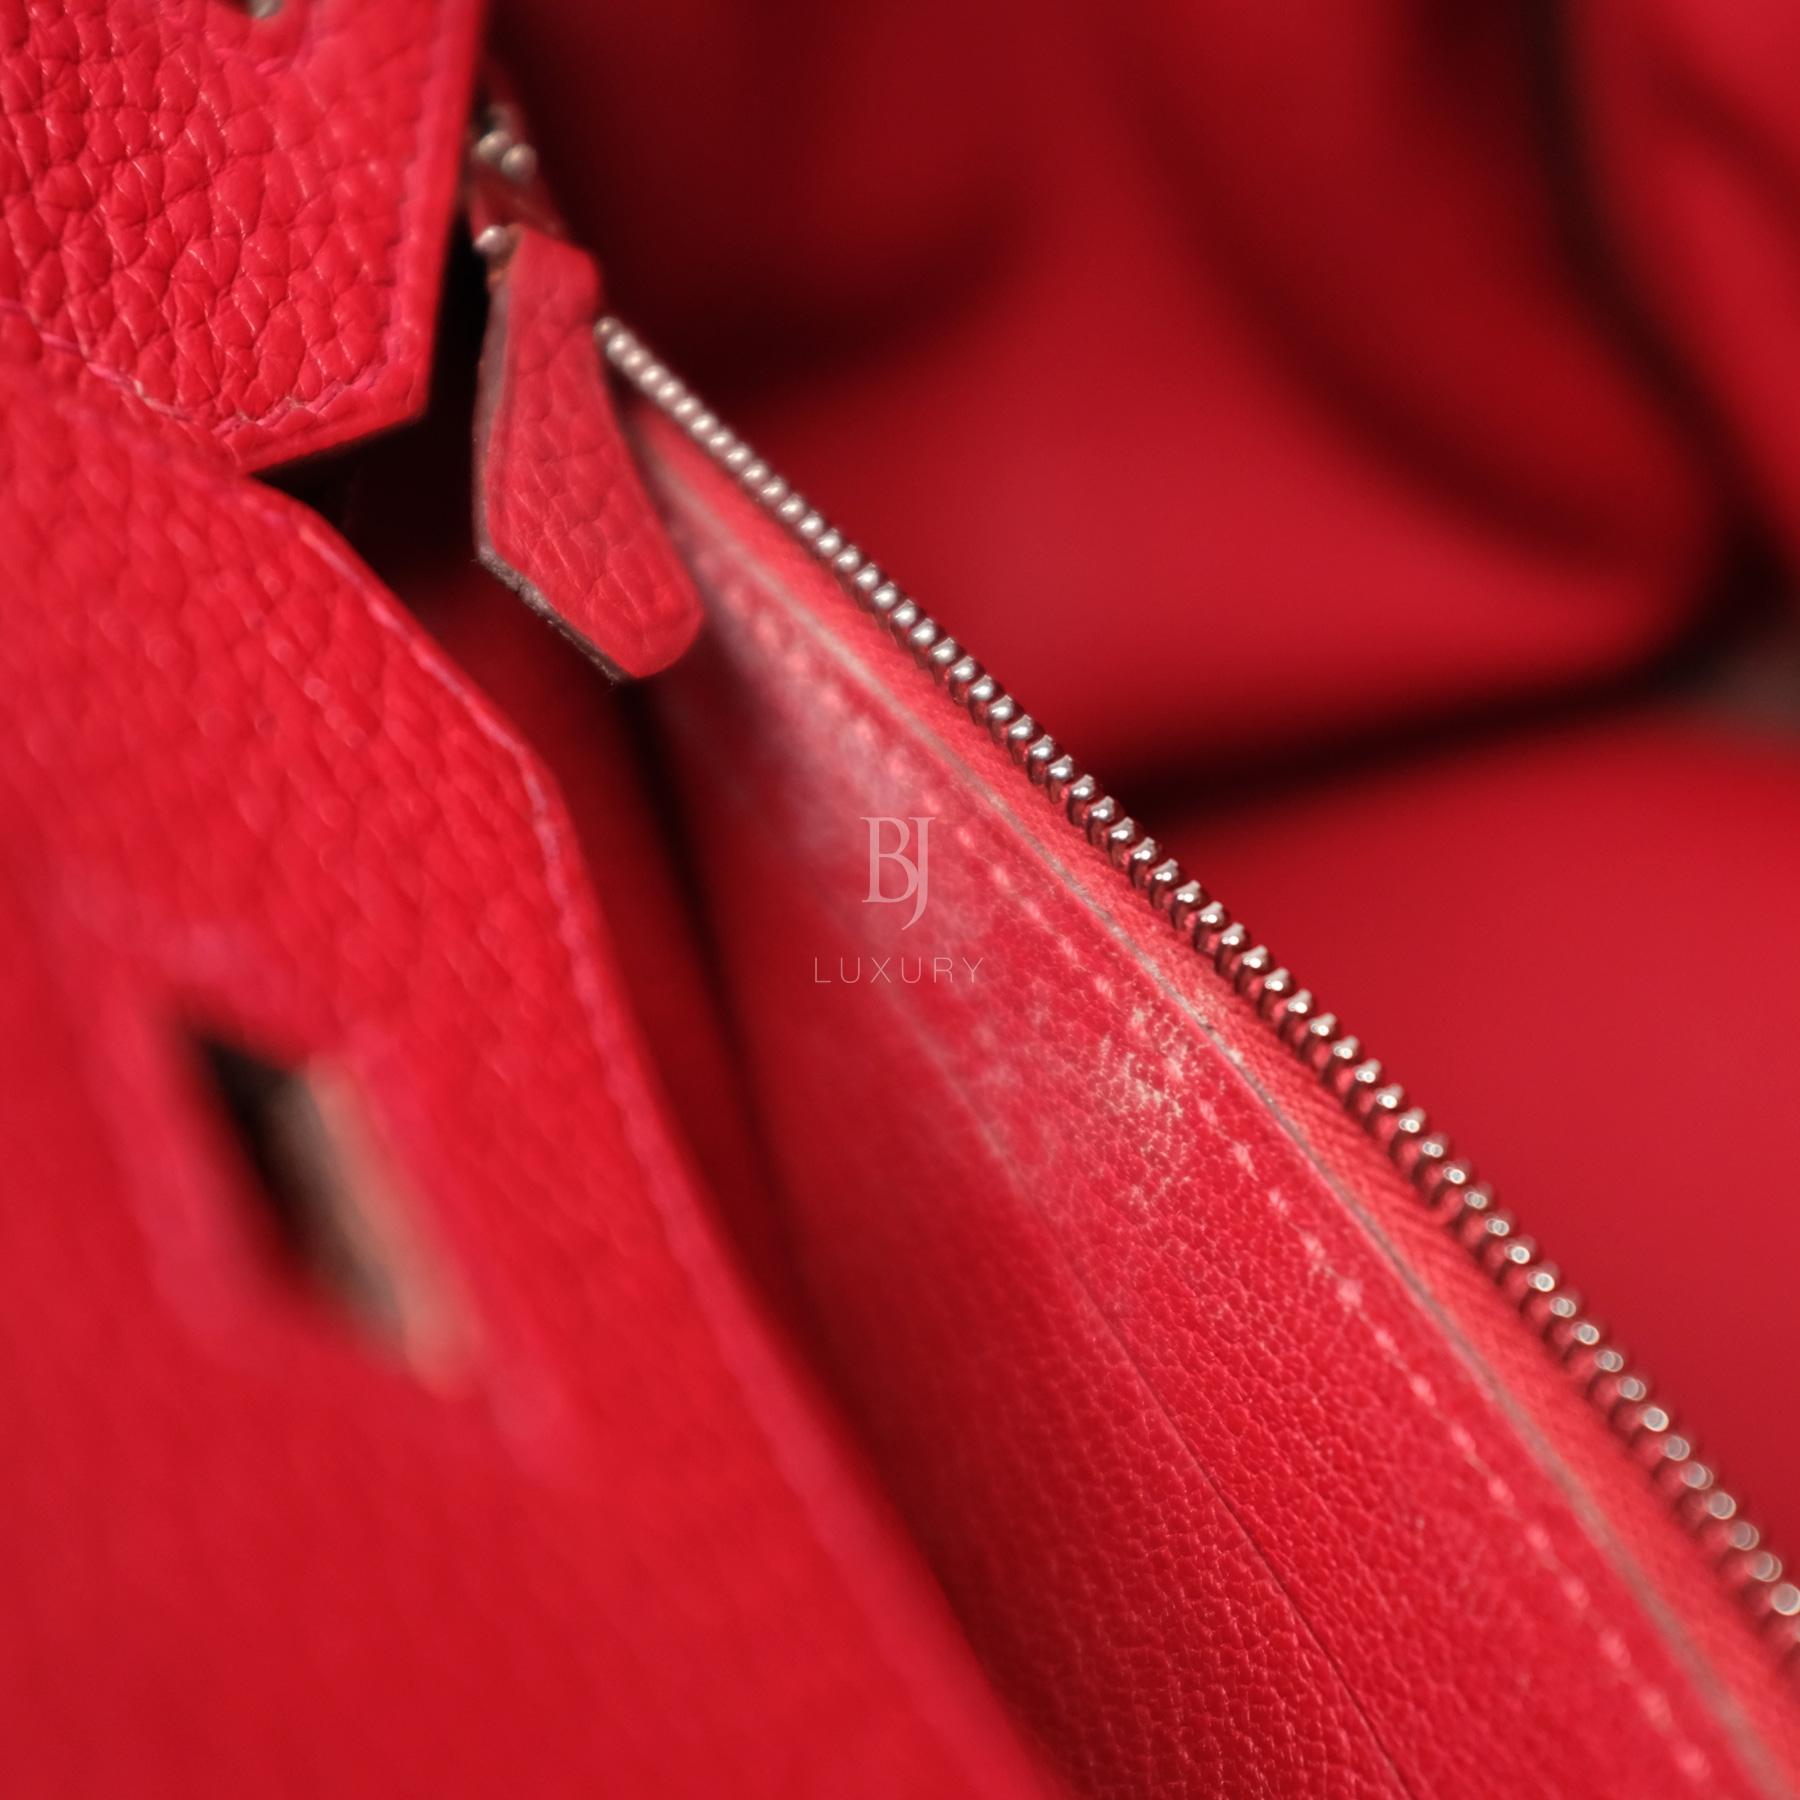 Hermes Birkin 30 Rouge Casaque Clemence Palladium BJ Luxury 8.jpg